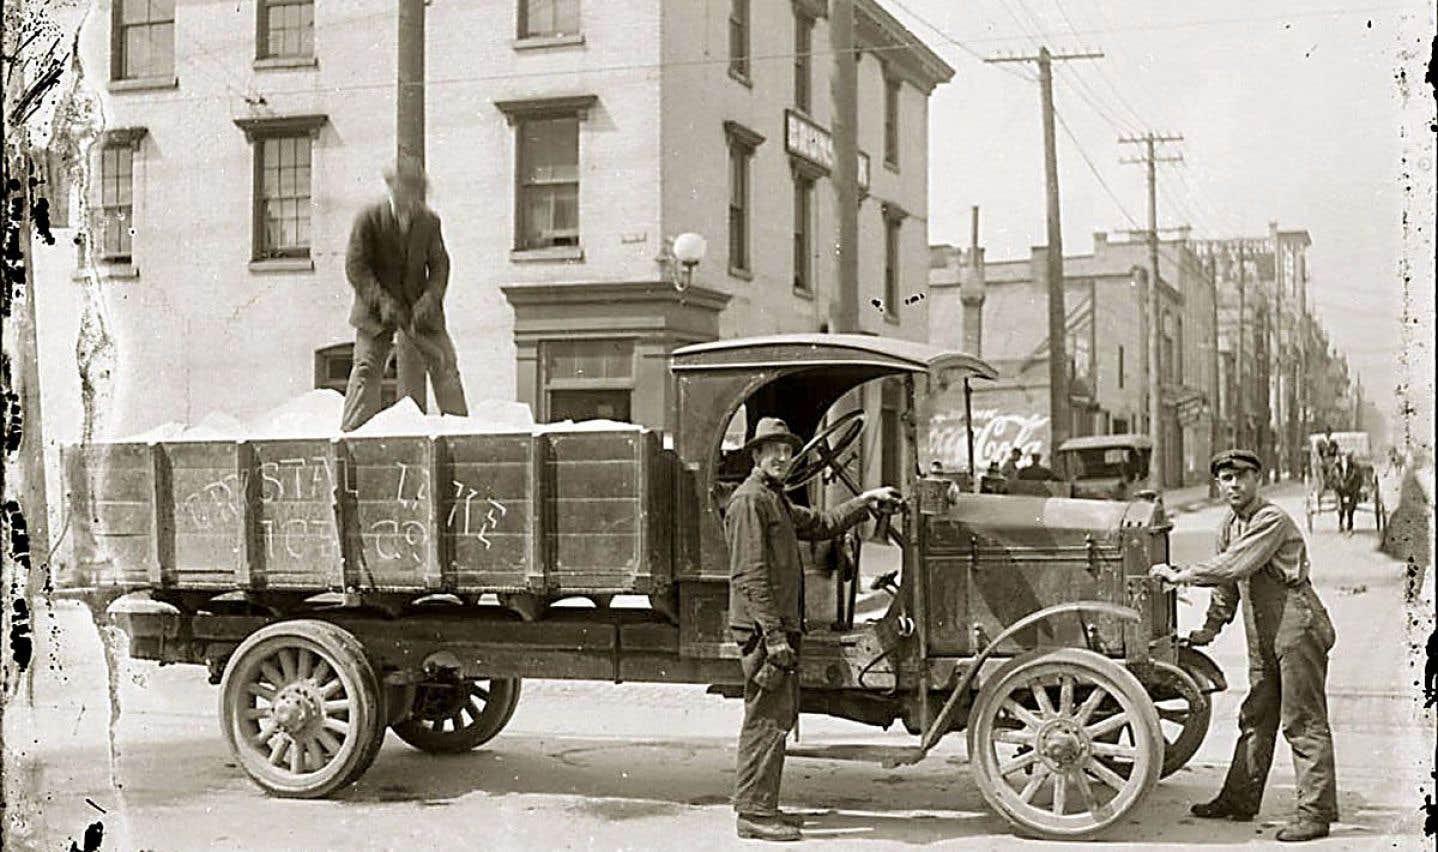 Les marchands de glace sillonnaient les rues des villes en été pour la distribuer. Récoltées dans les cours d'eau pendant l'hiver, les montagnes de glace étaient recouvertes de sciures de bois, parfois de paille aussi, pour les isoler autant que possible en été.